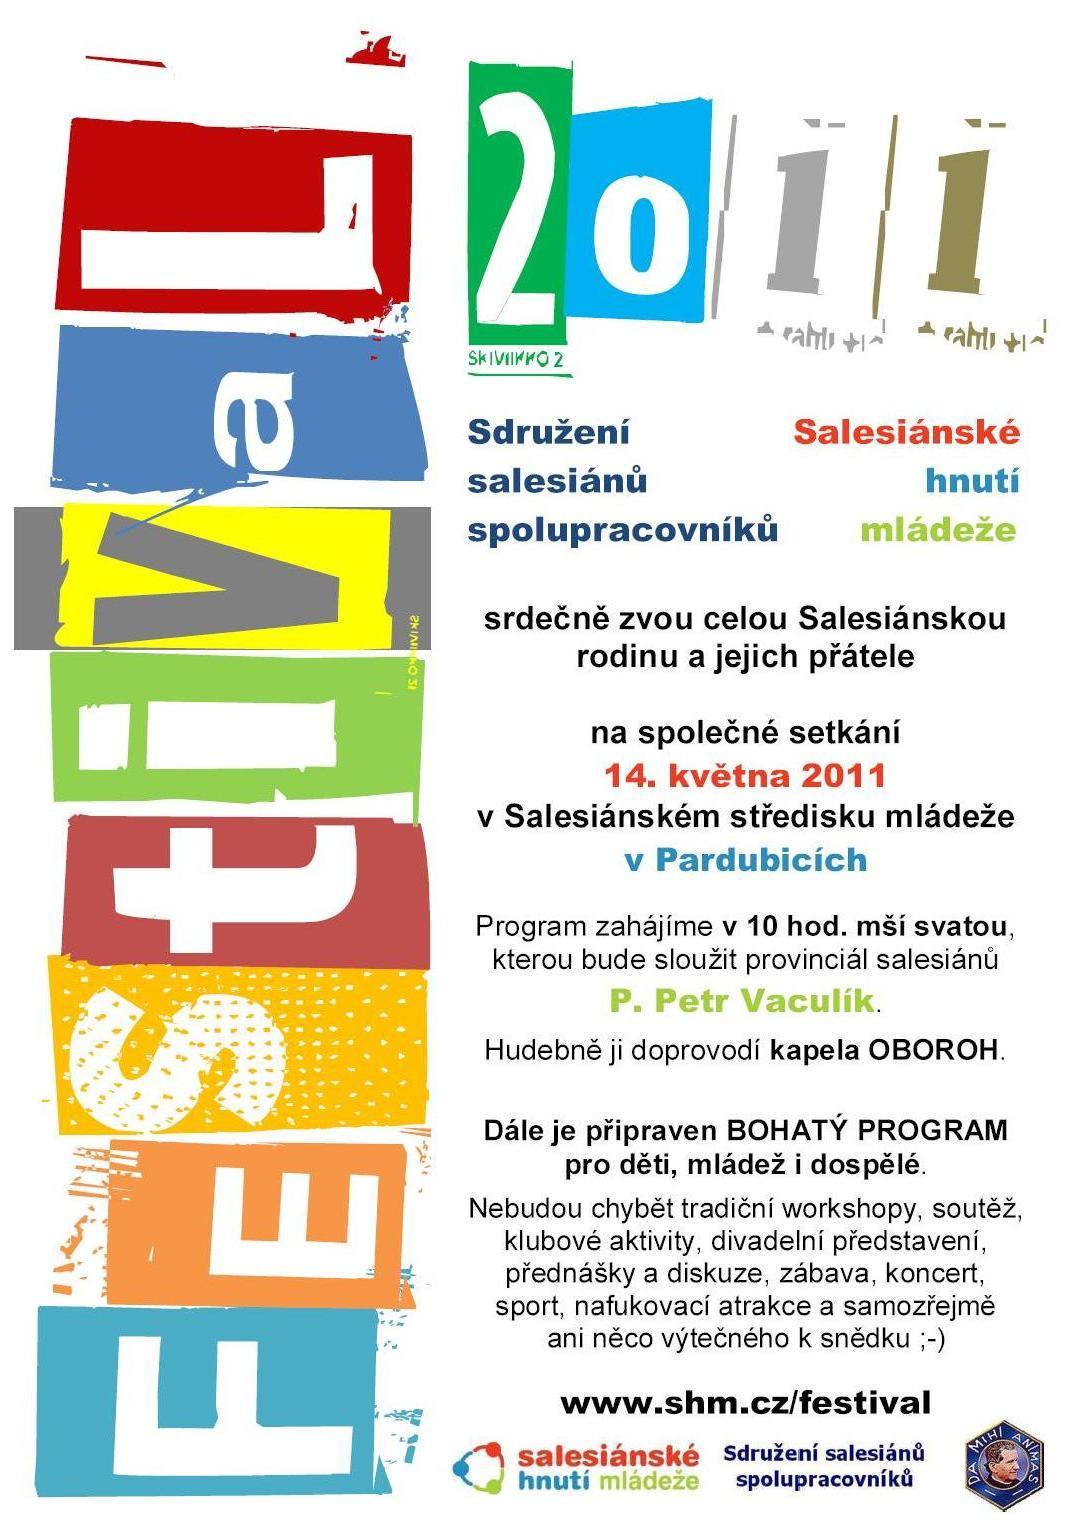 http://www.shm.cz/res/data/206/022760.jpg